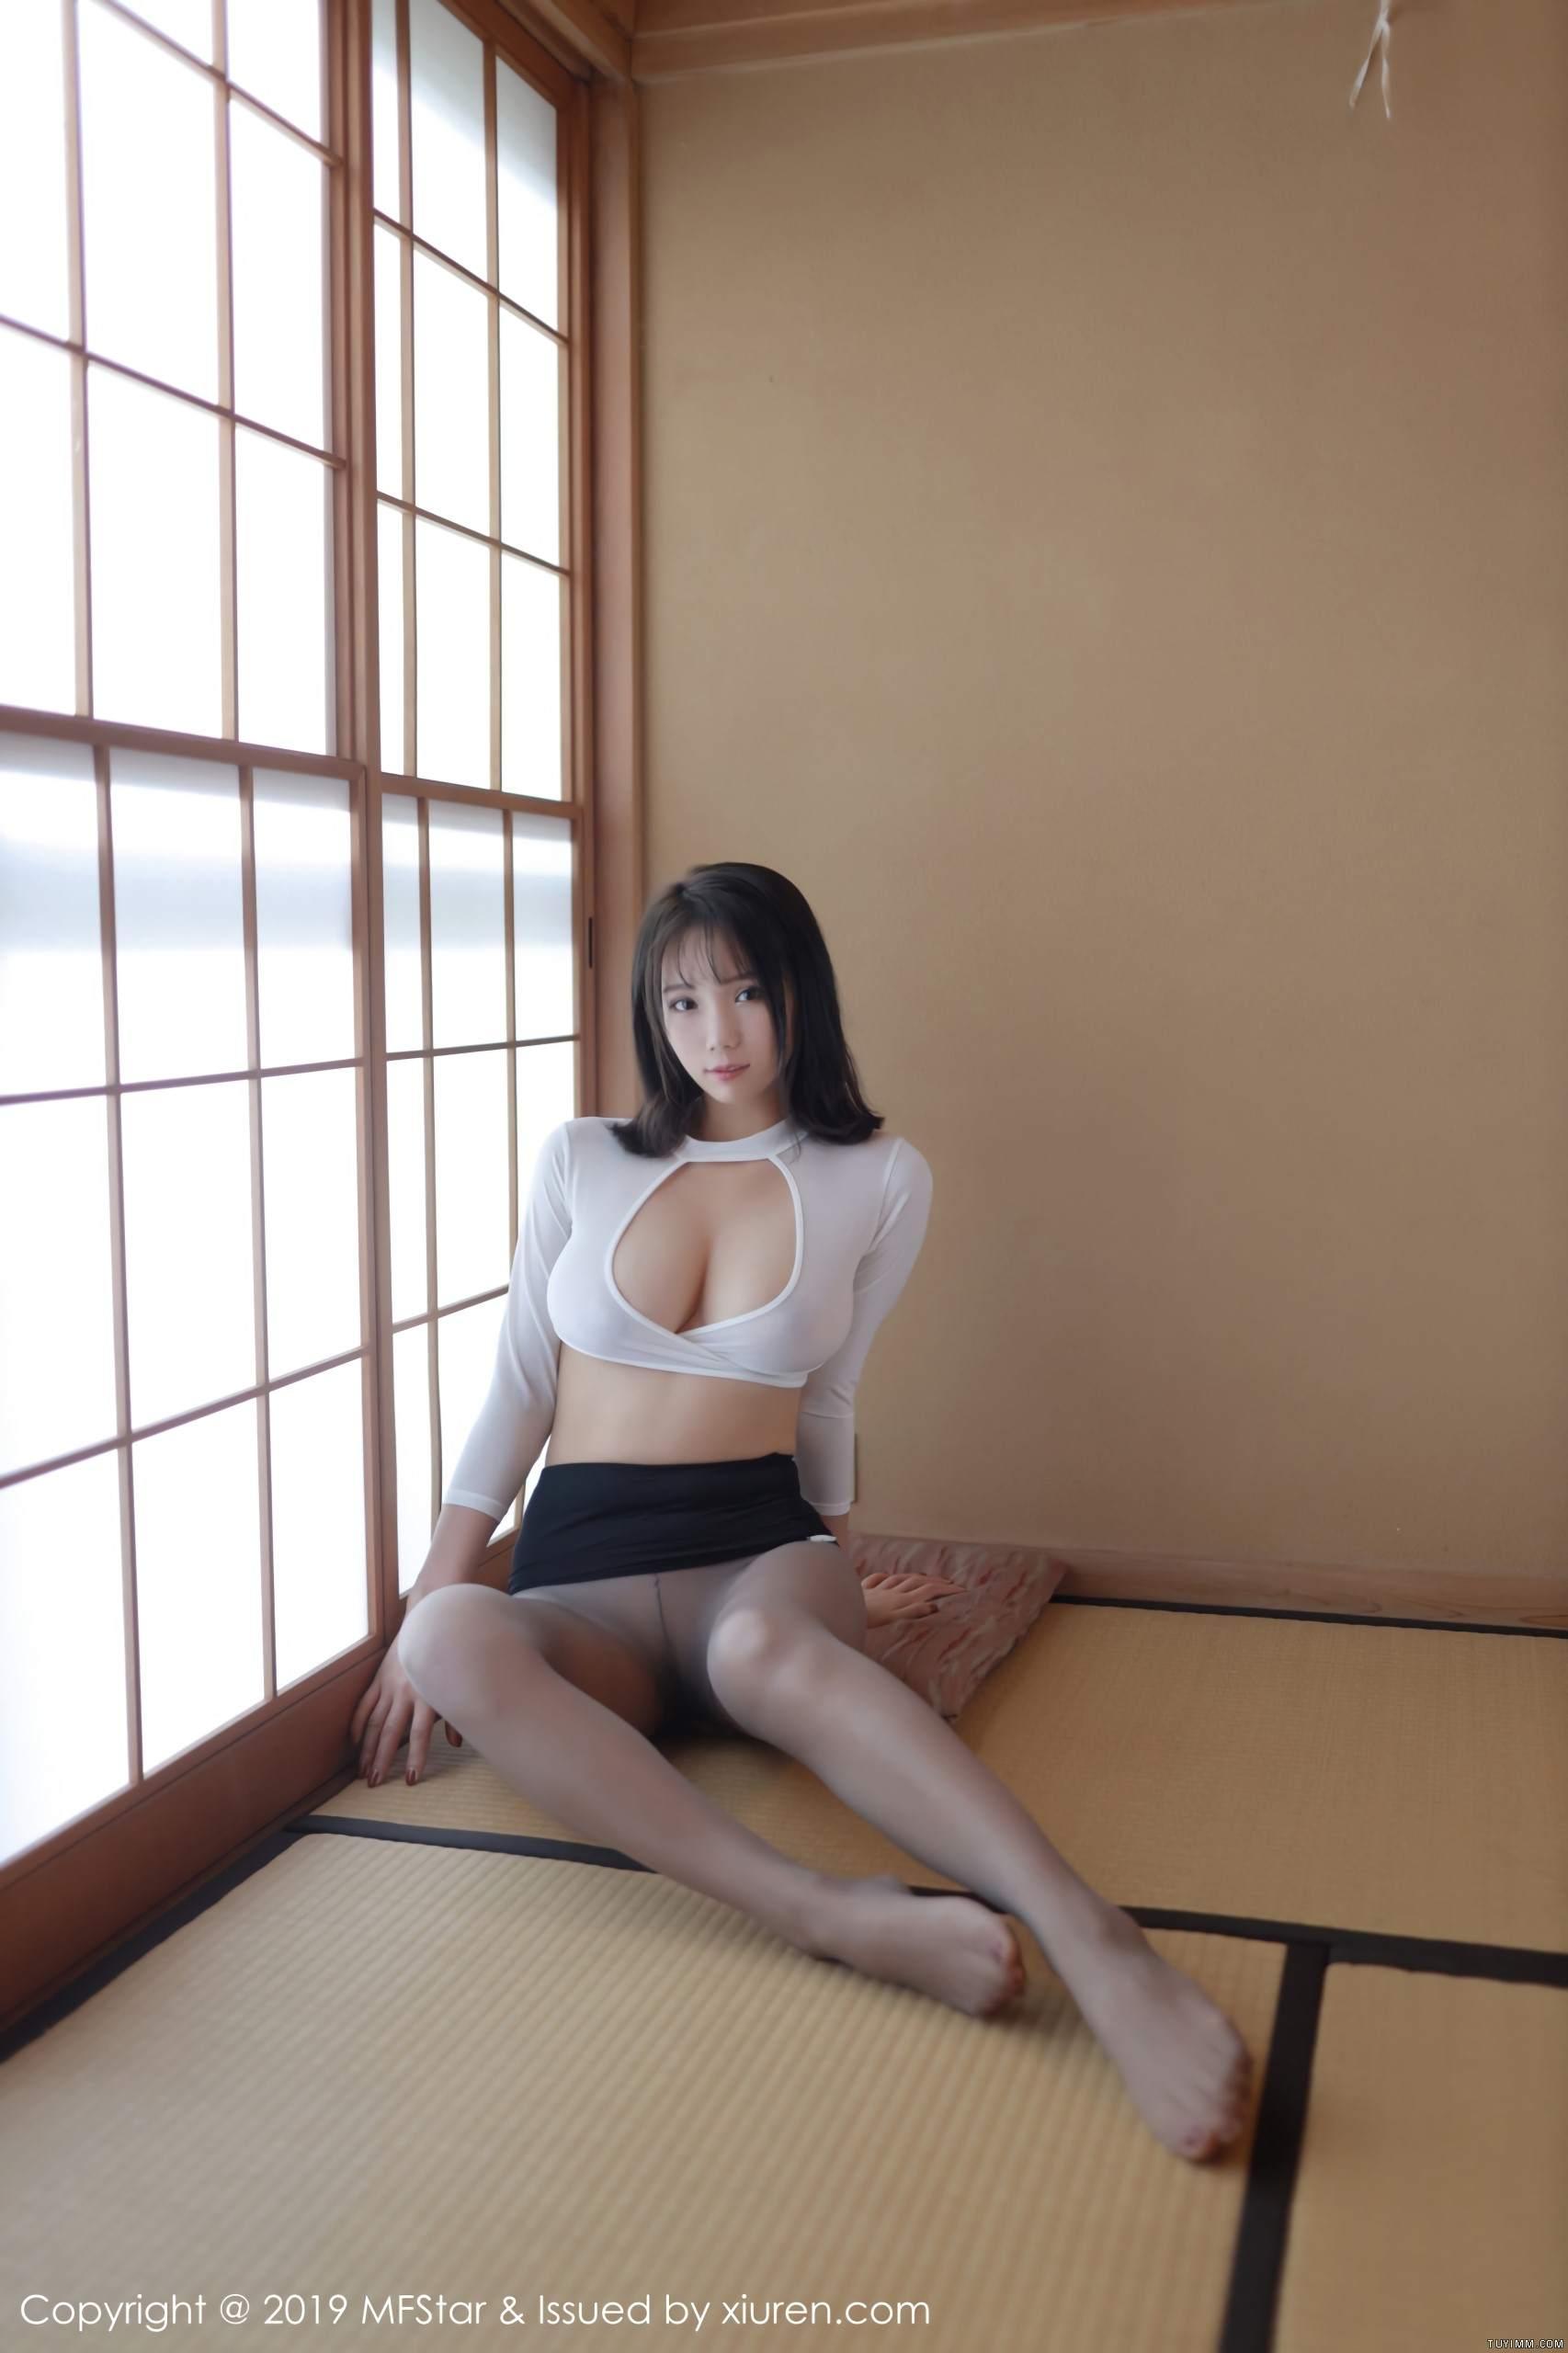 [福利]风骚模特黑丝美腿床上无遮挡人体艺术写真-第20张图片-哔哔娱乐网